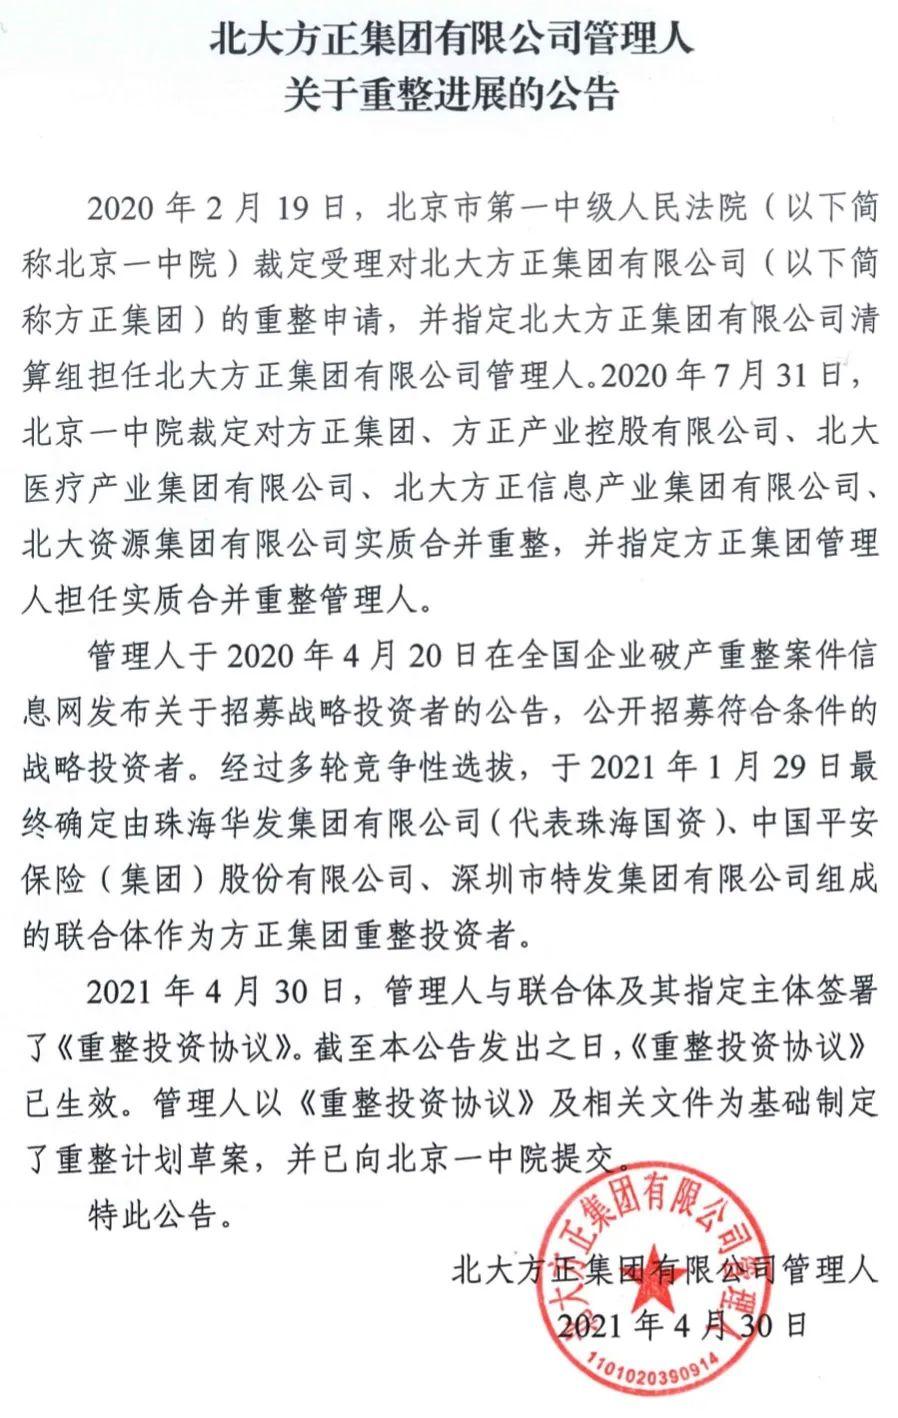 关键词排名_方正团体重组细节曝光 中国平安至少掏370亿元 还涉及四家上市公司插图2